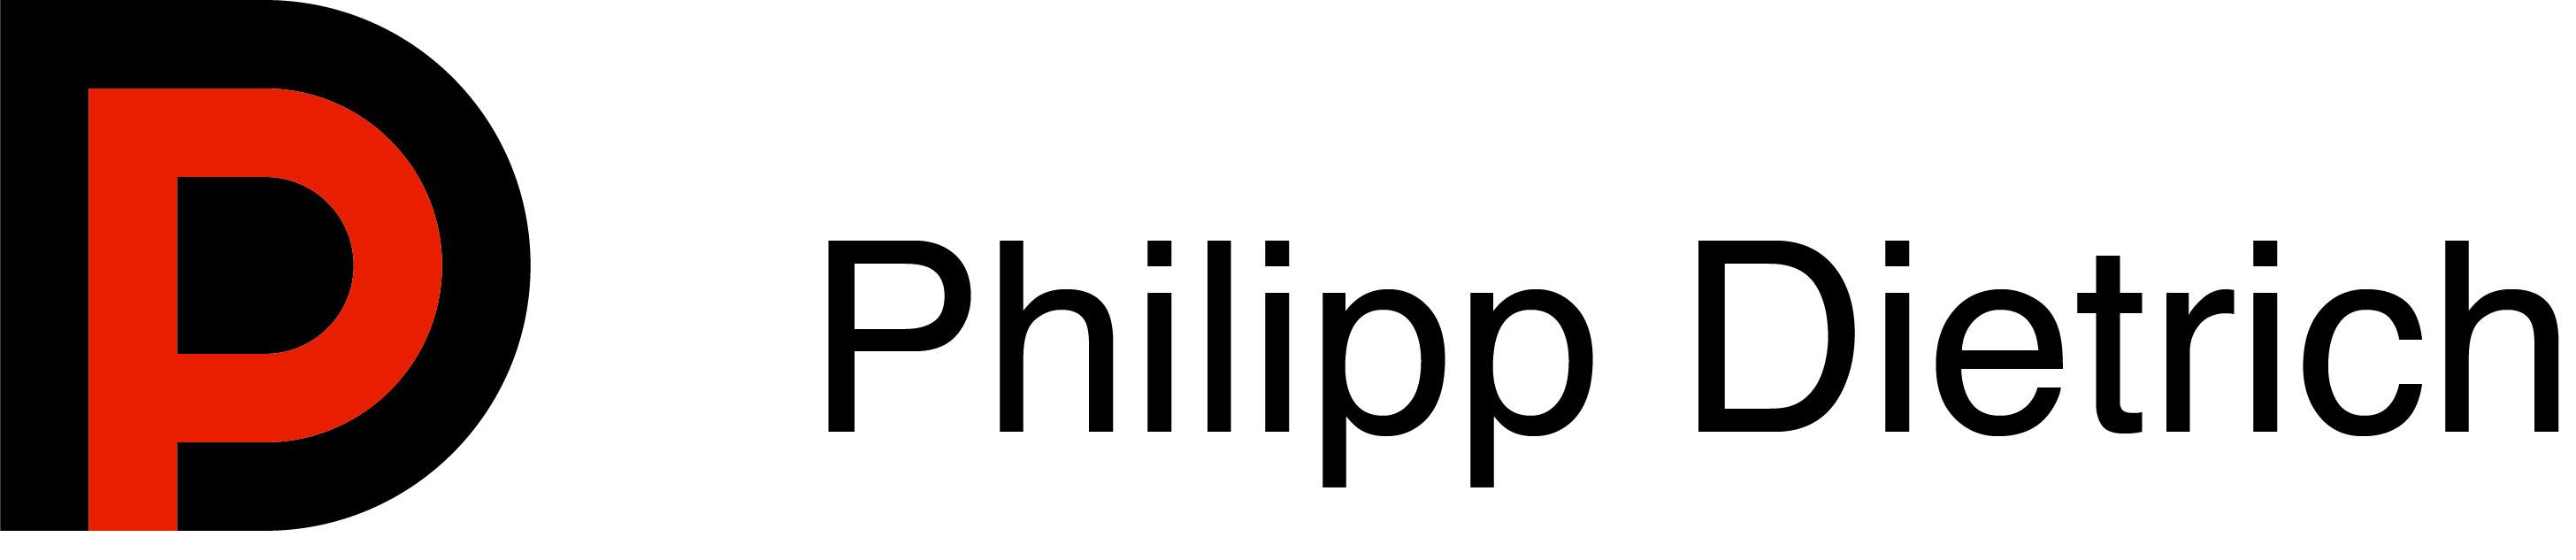 Philipp Dietrich